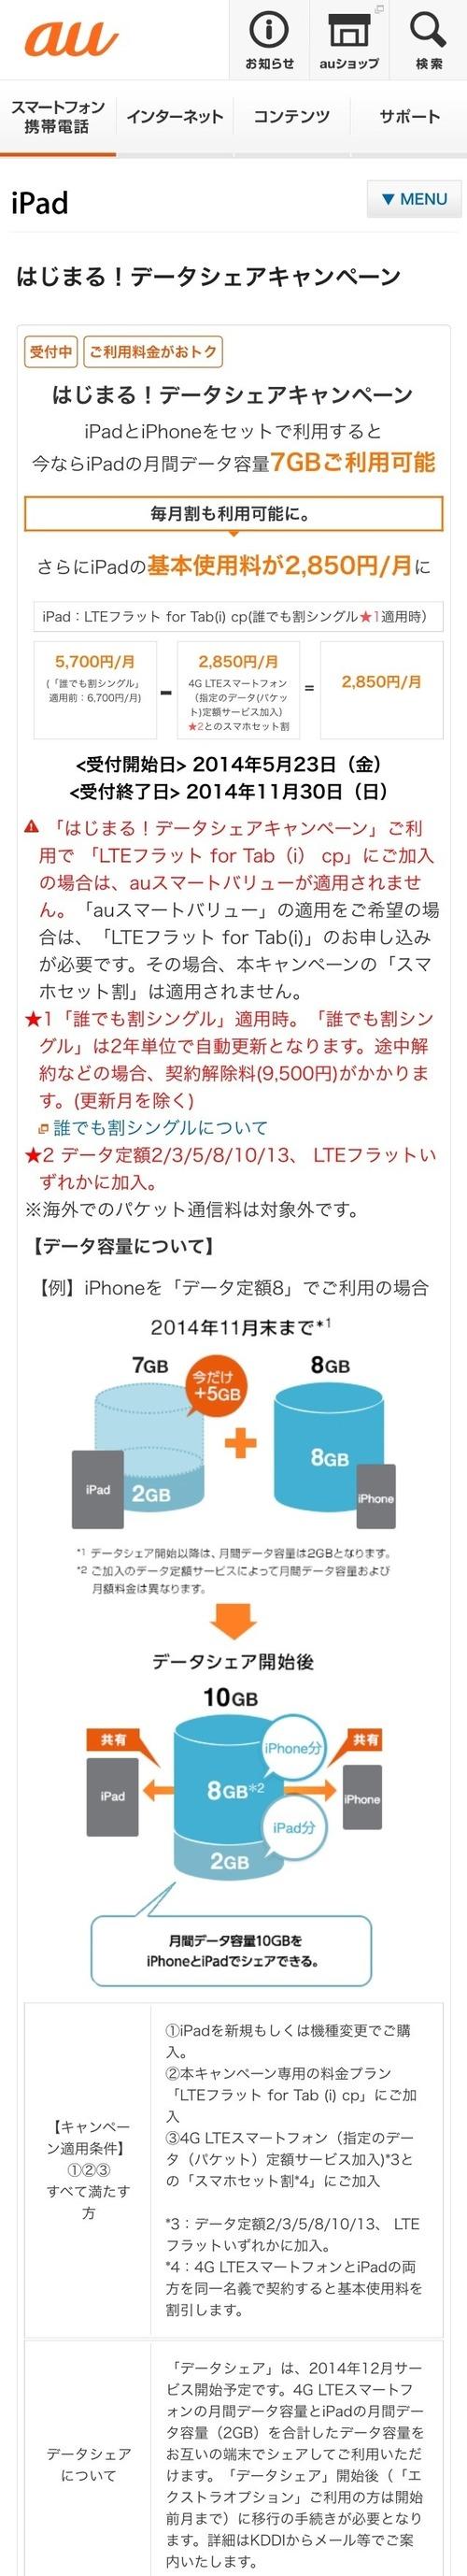 20141020_iPad_003